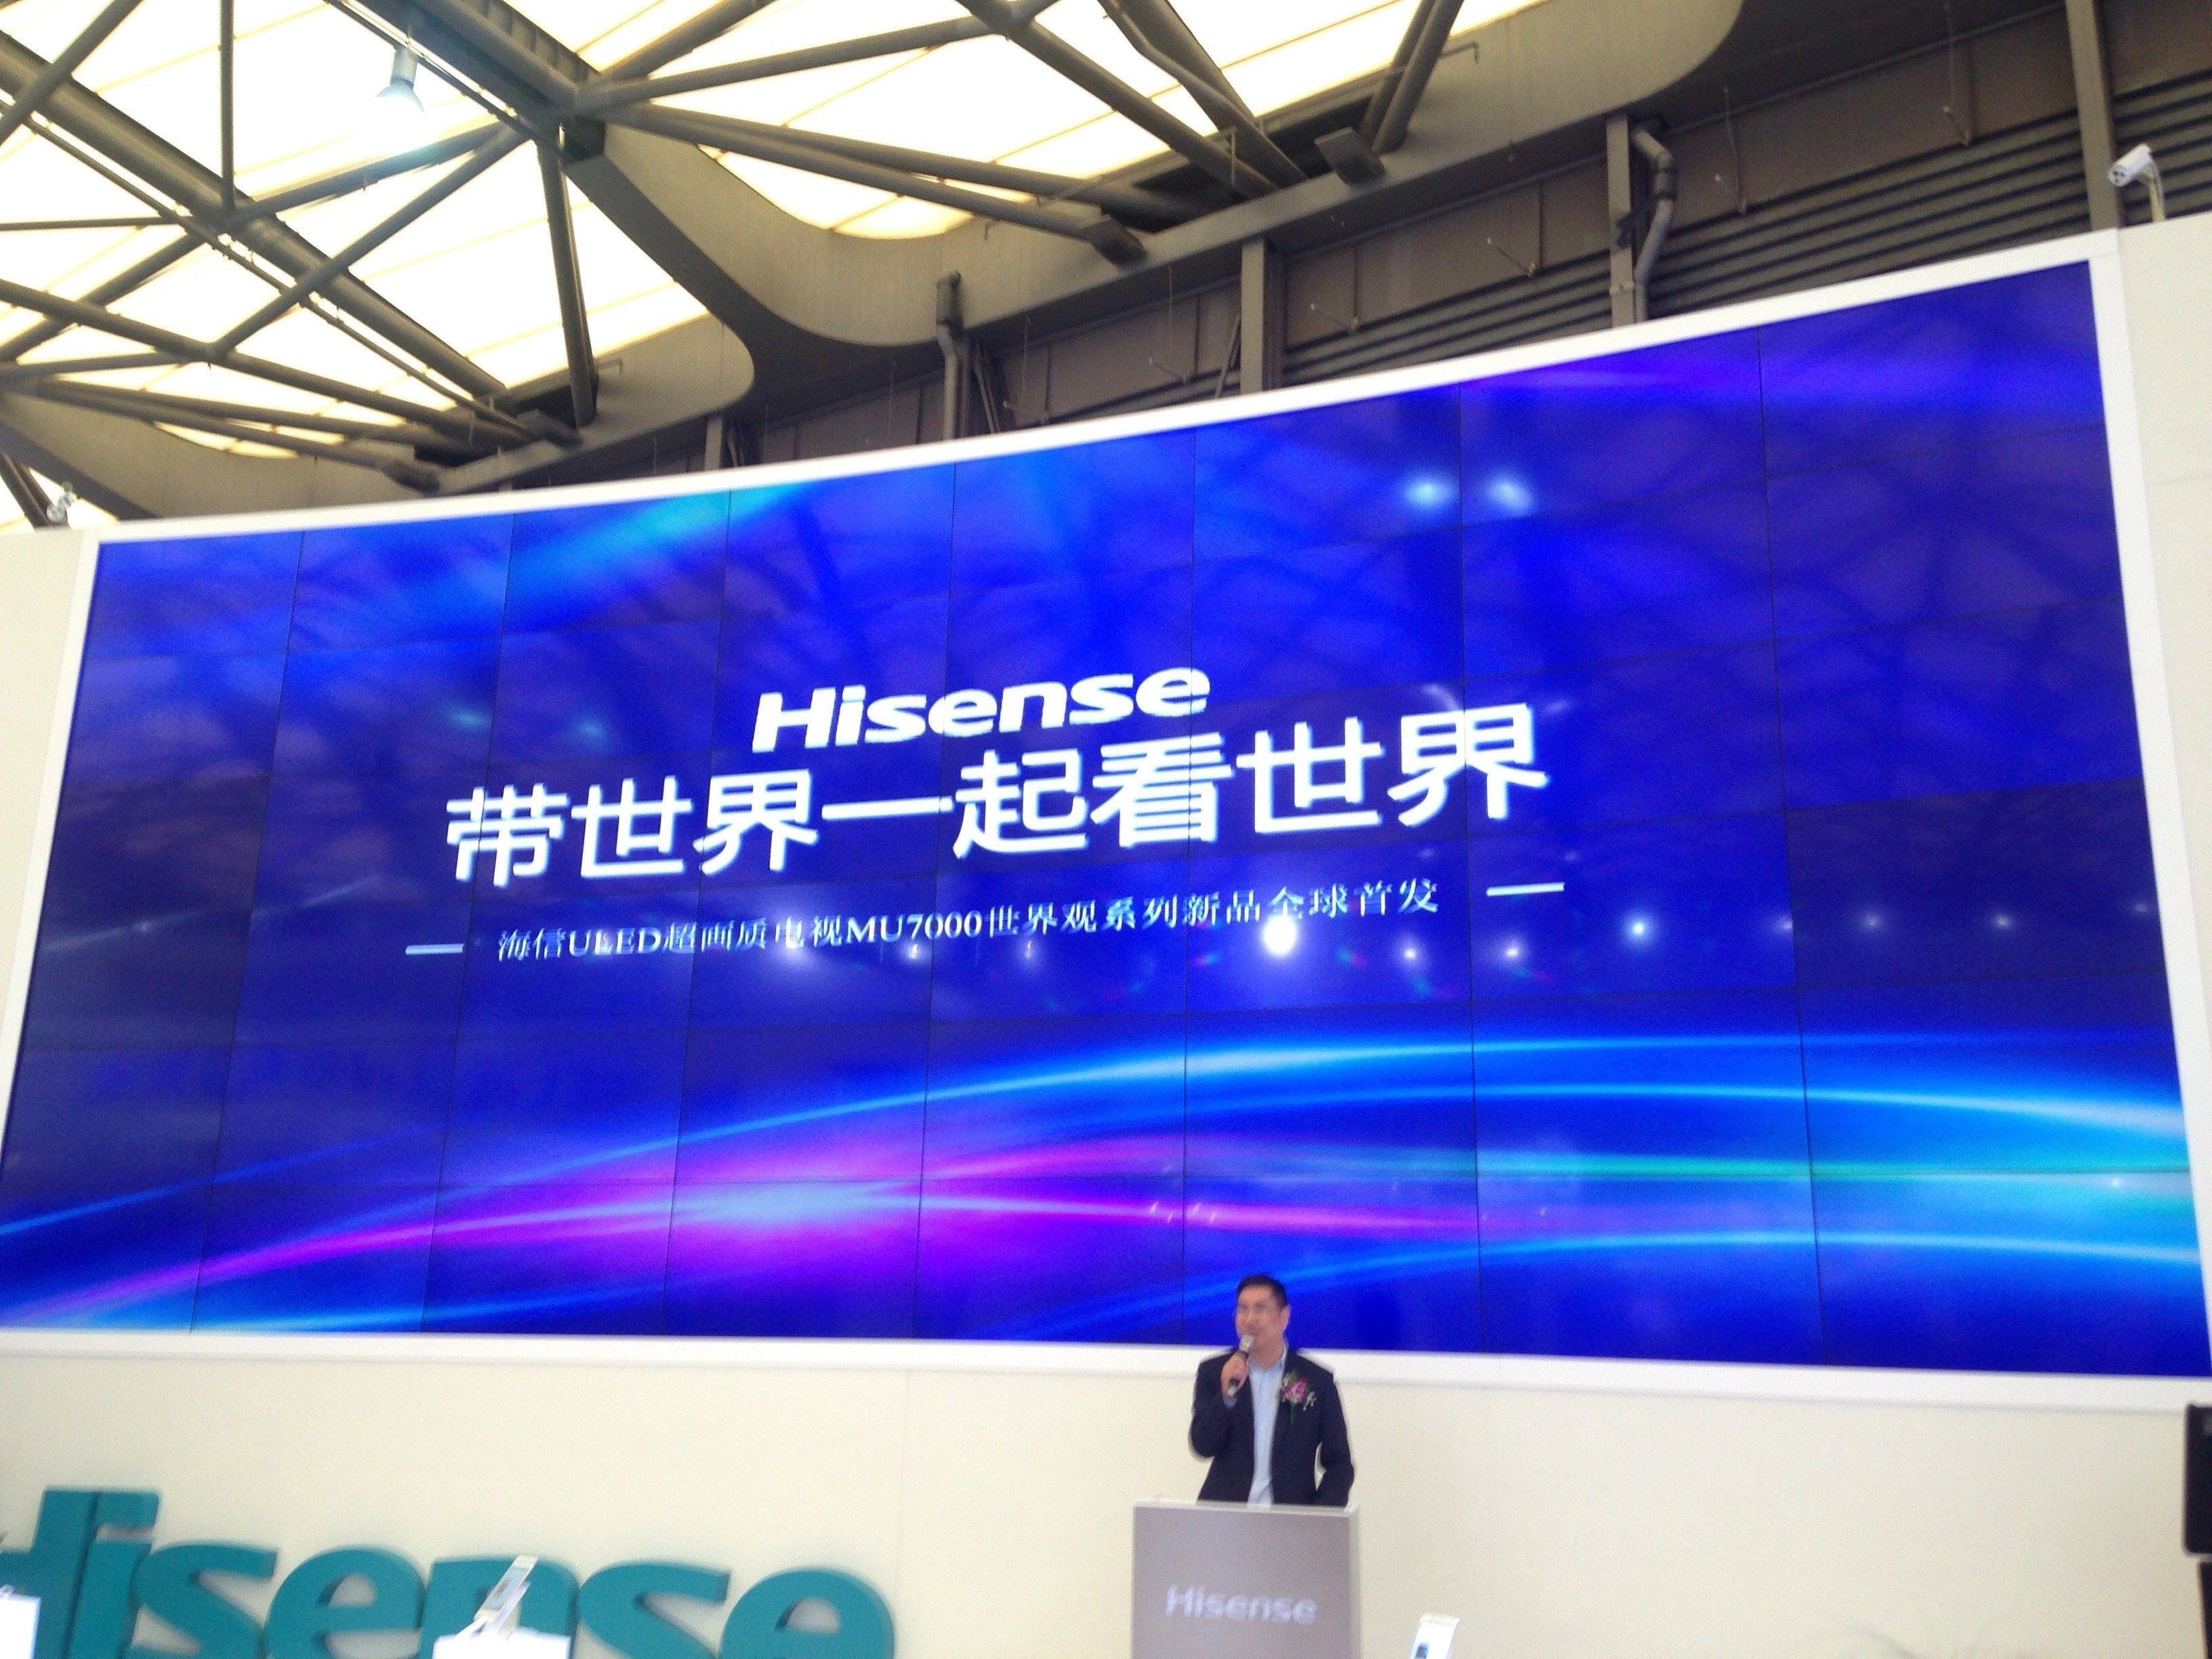 青岛海信有限公司总经理为大家带来全新的海信ULED超画质电视MU7000世界观系列新品的全球首发仪式!